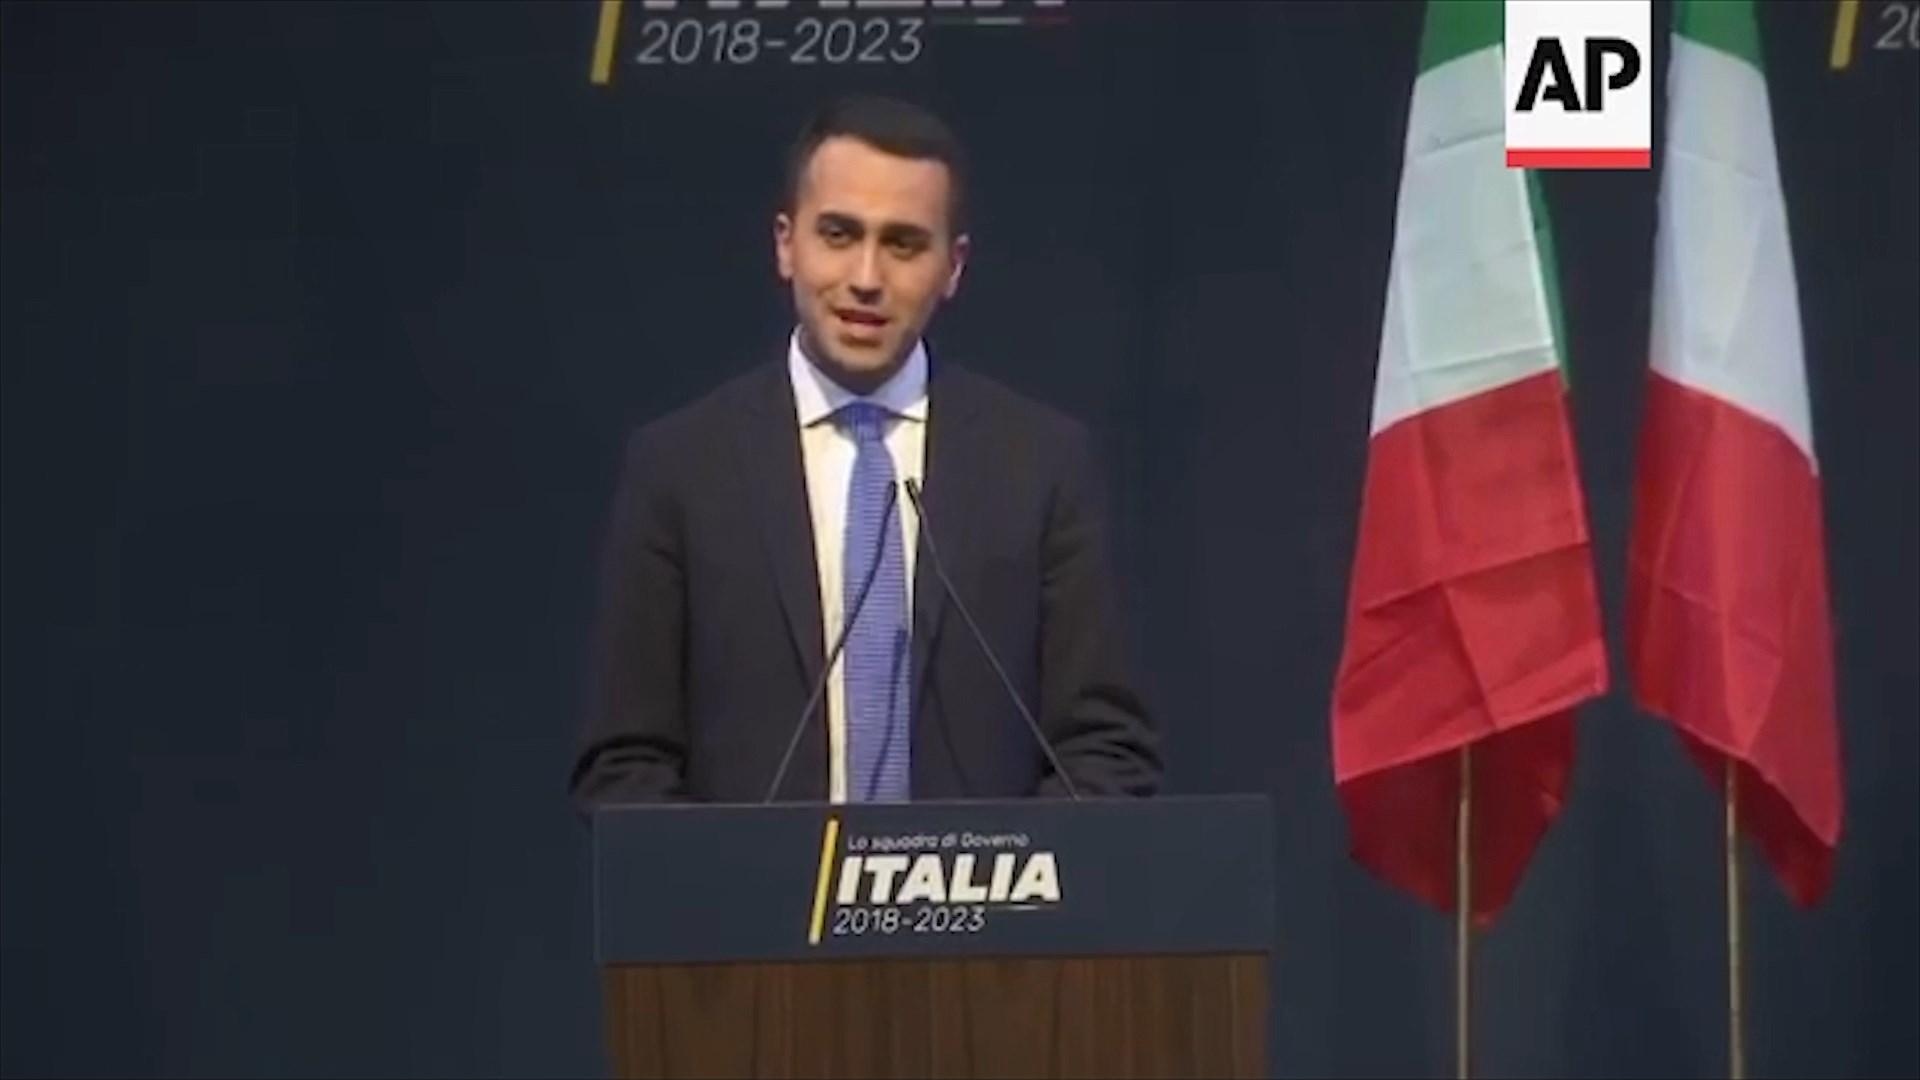 Di Maio këmbëngul: Italia do të qëndrojë në NATO